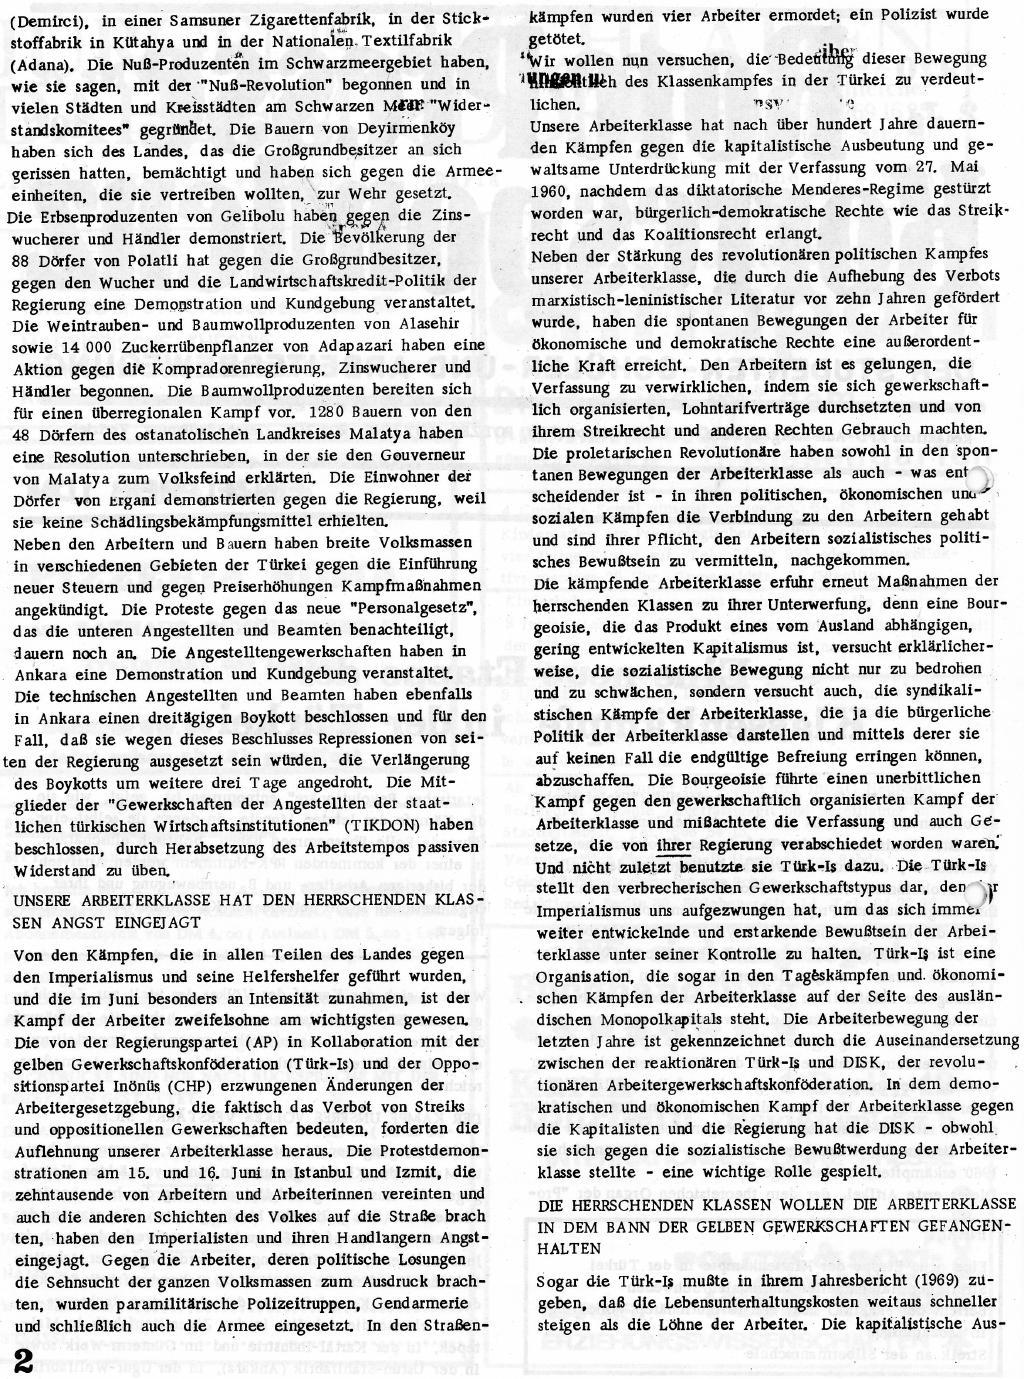 RPK_1970_072_02